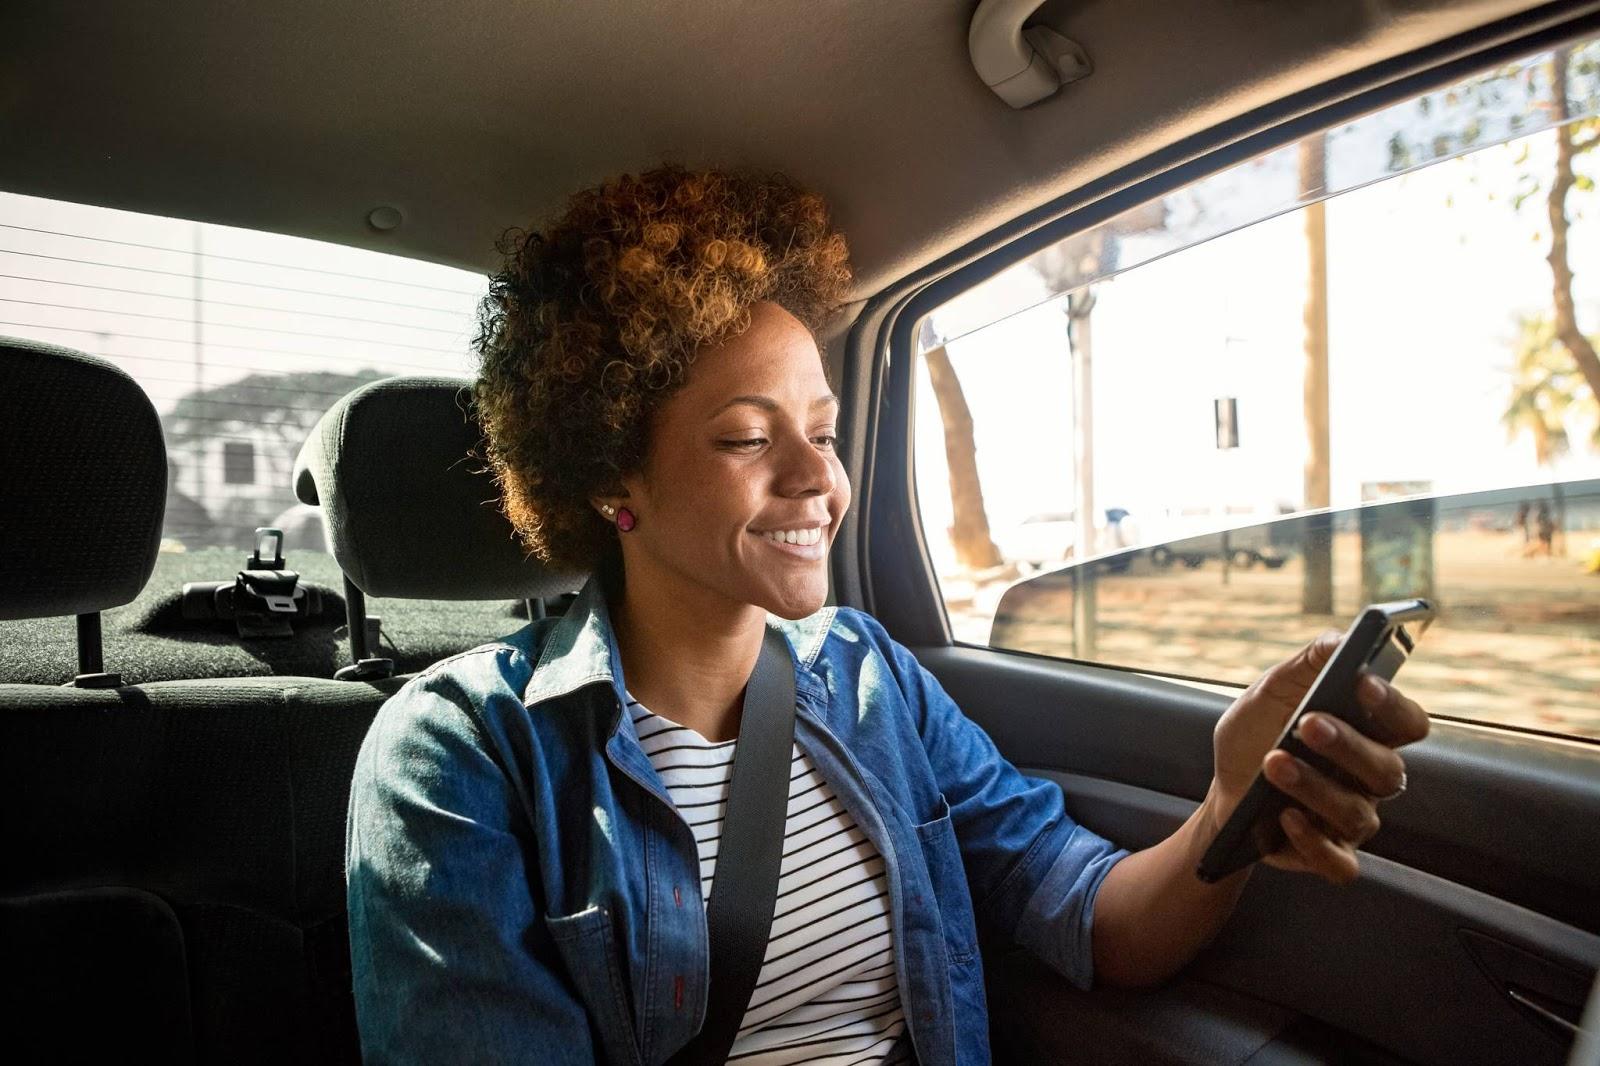 7 recomendaciones para sentirse seguro durante los viajes en Uber